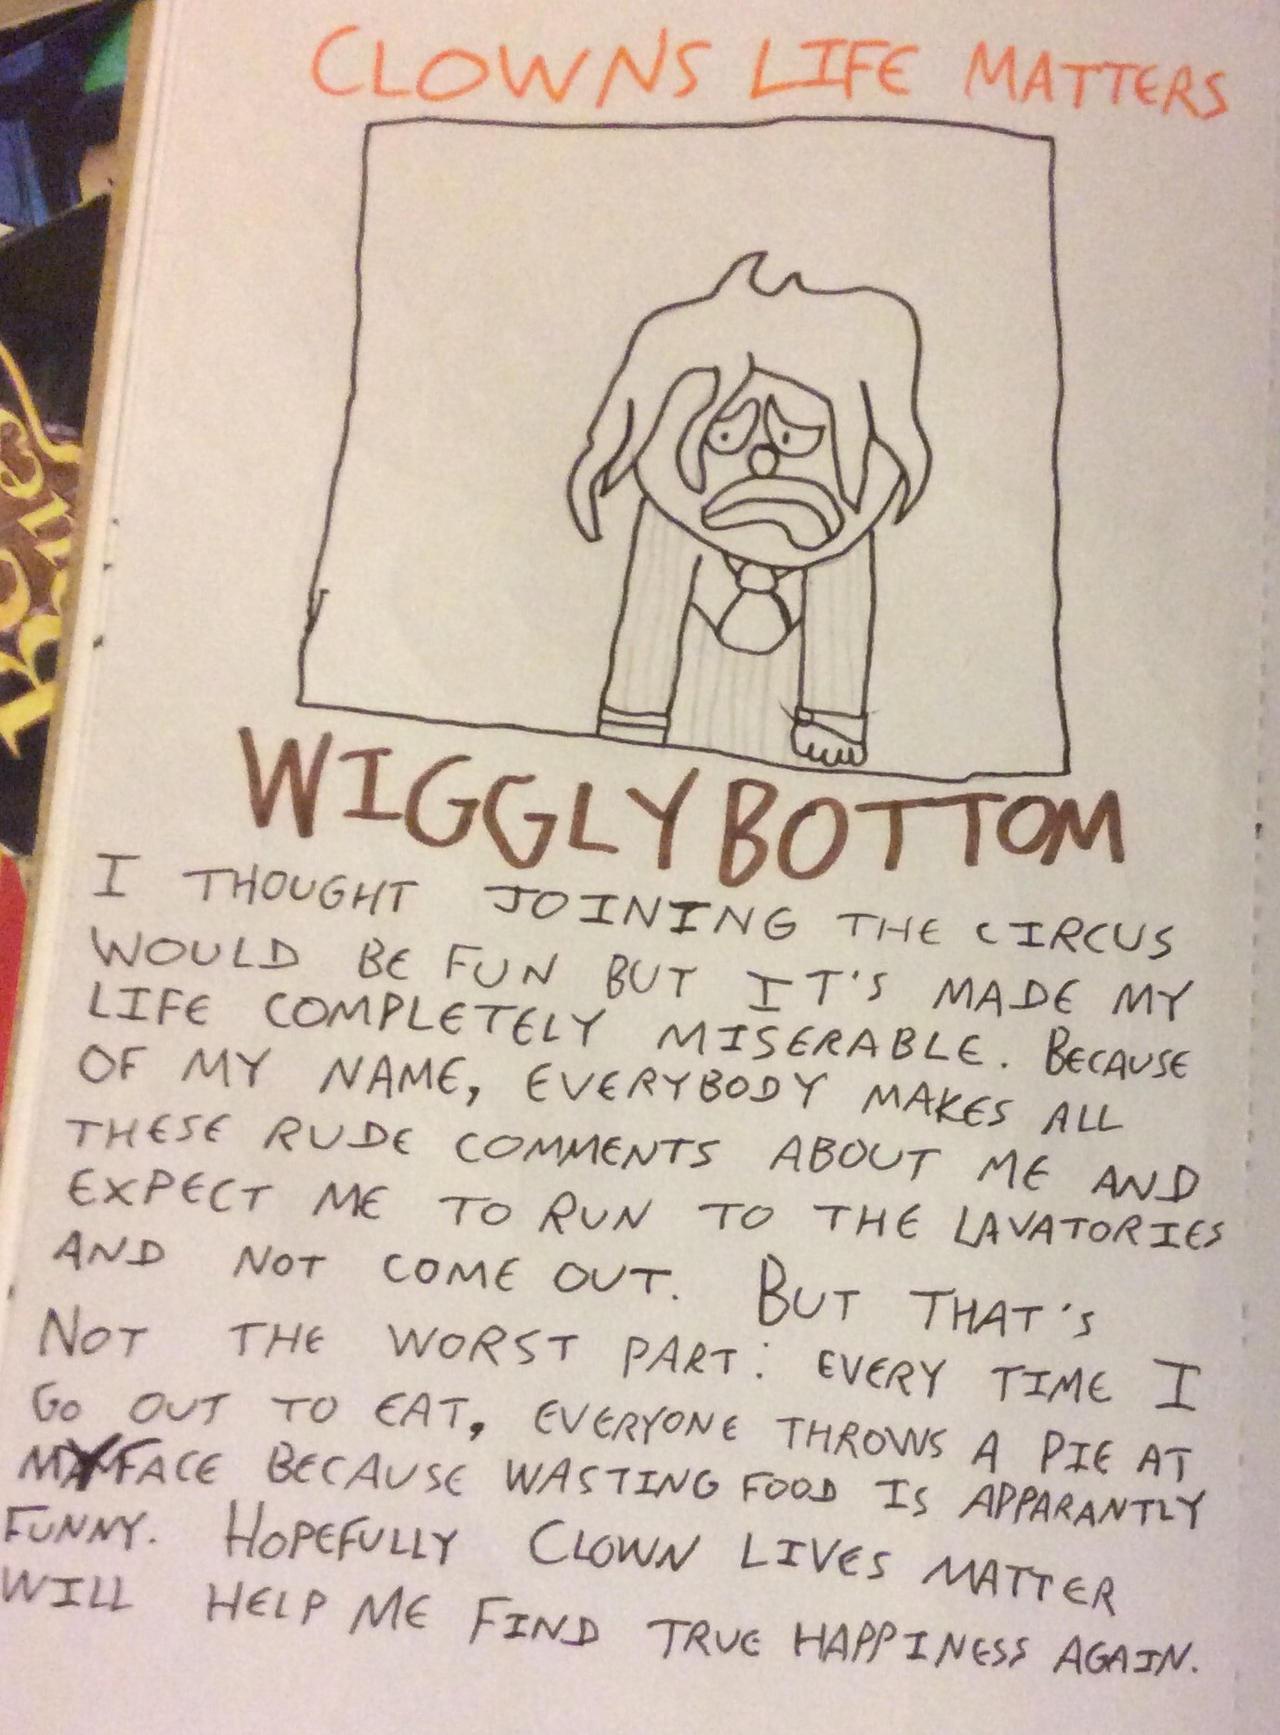 Clown Lives Matter: WigglyBottom's flyer by JimmyTheNerd